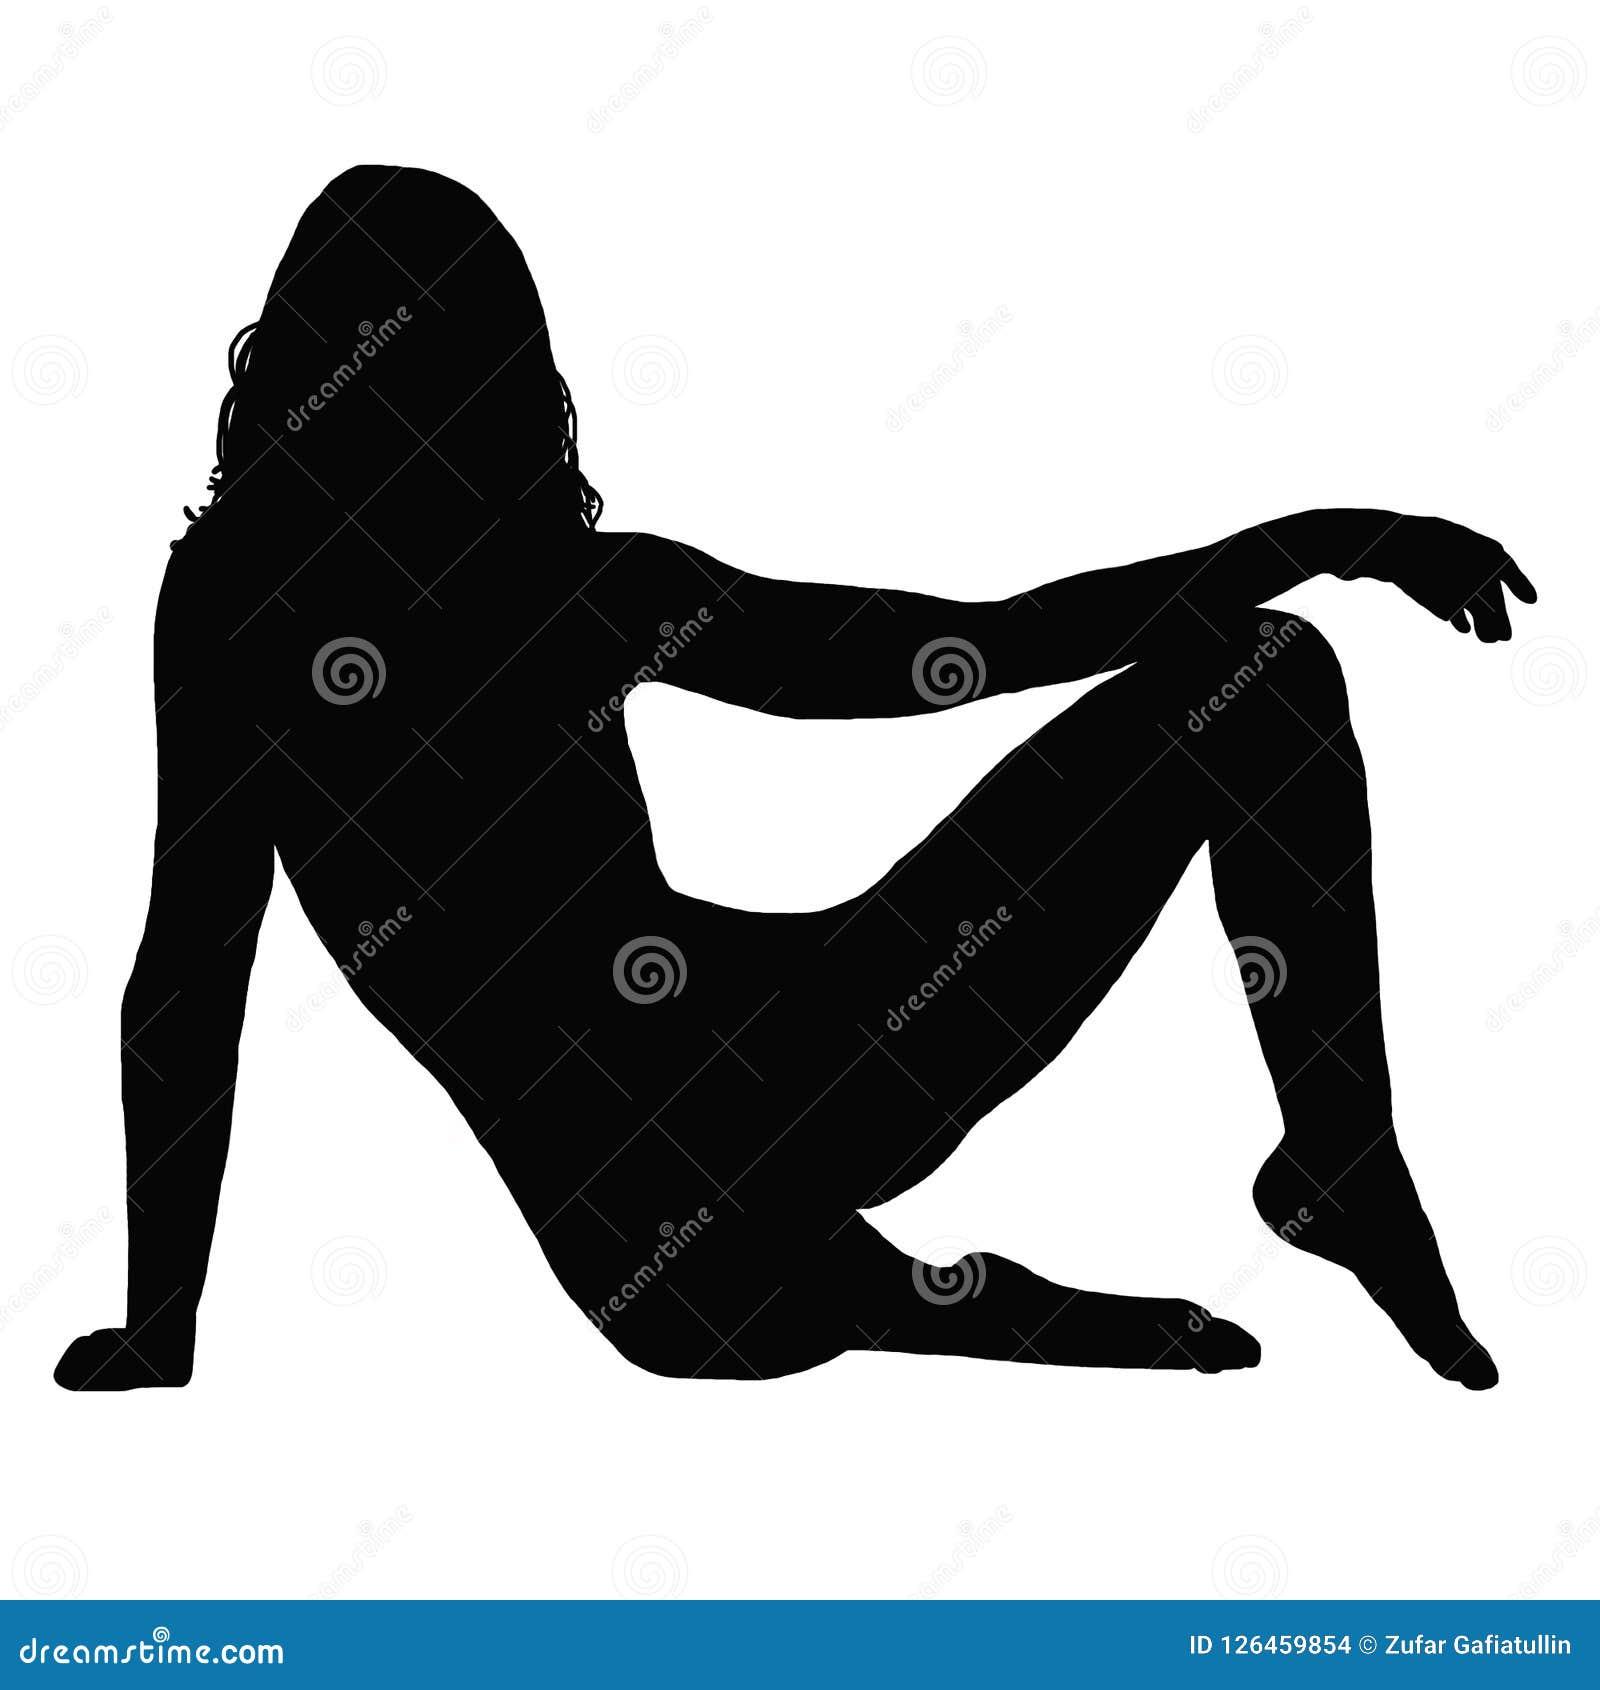 Konturer av kvinnan bakom